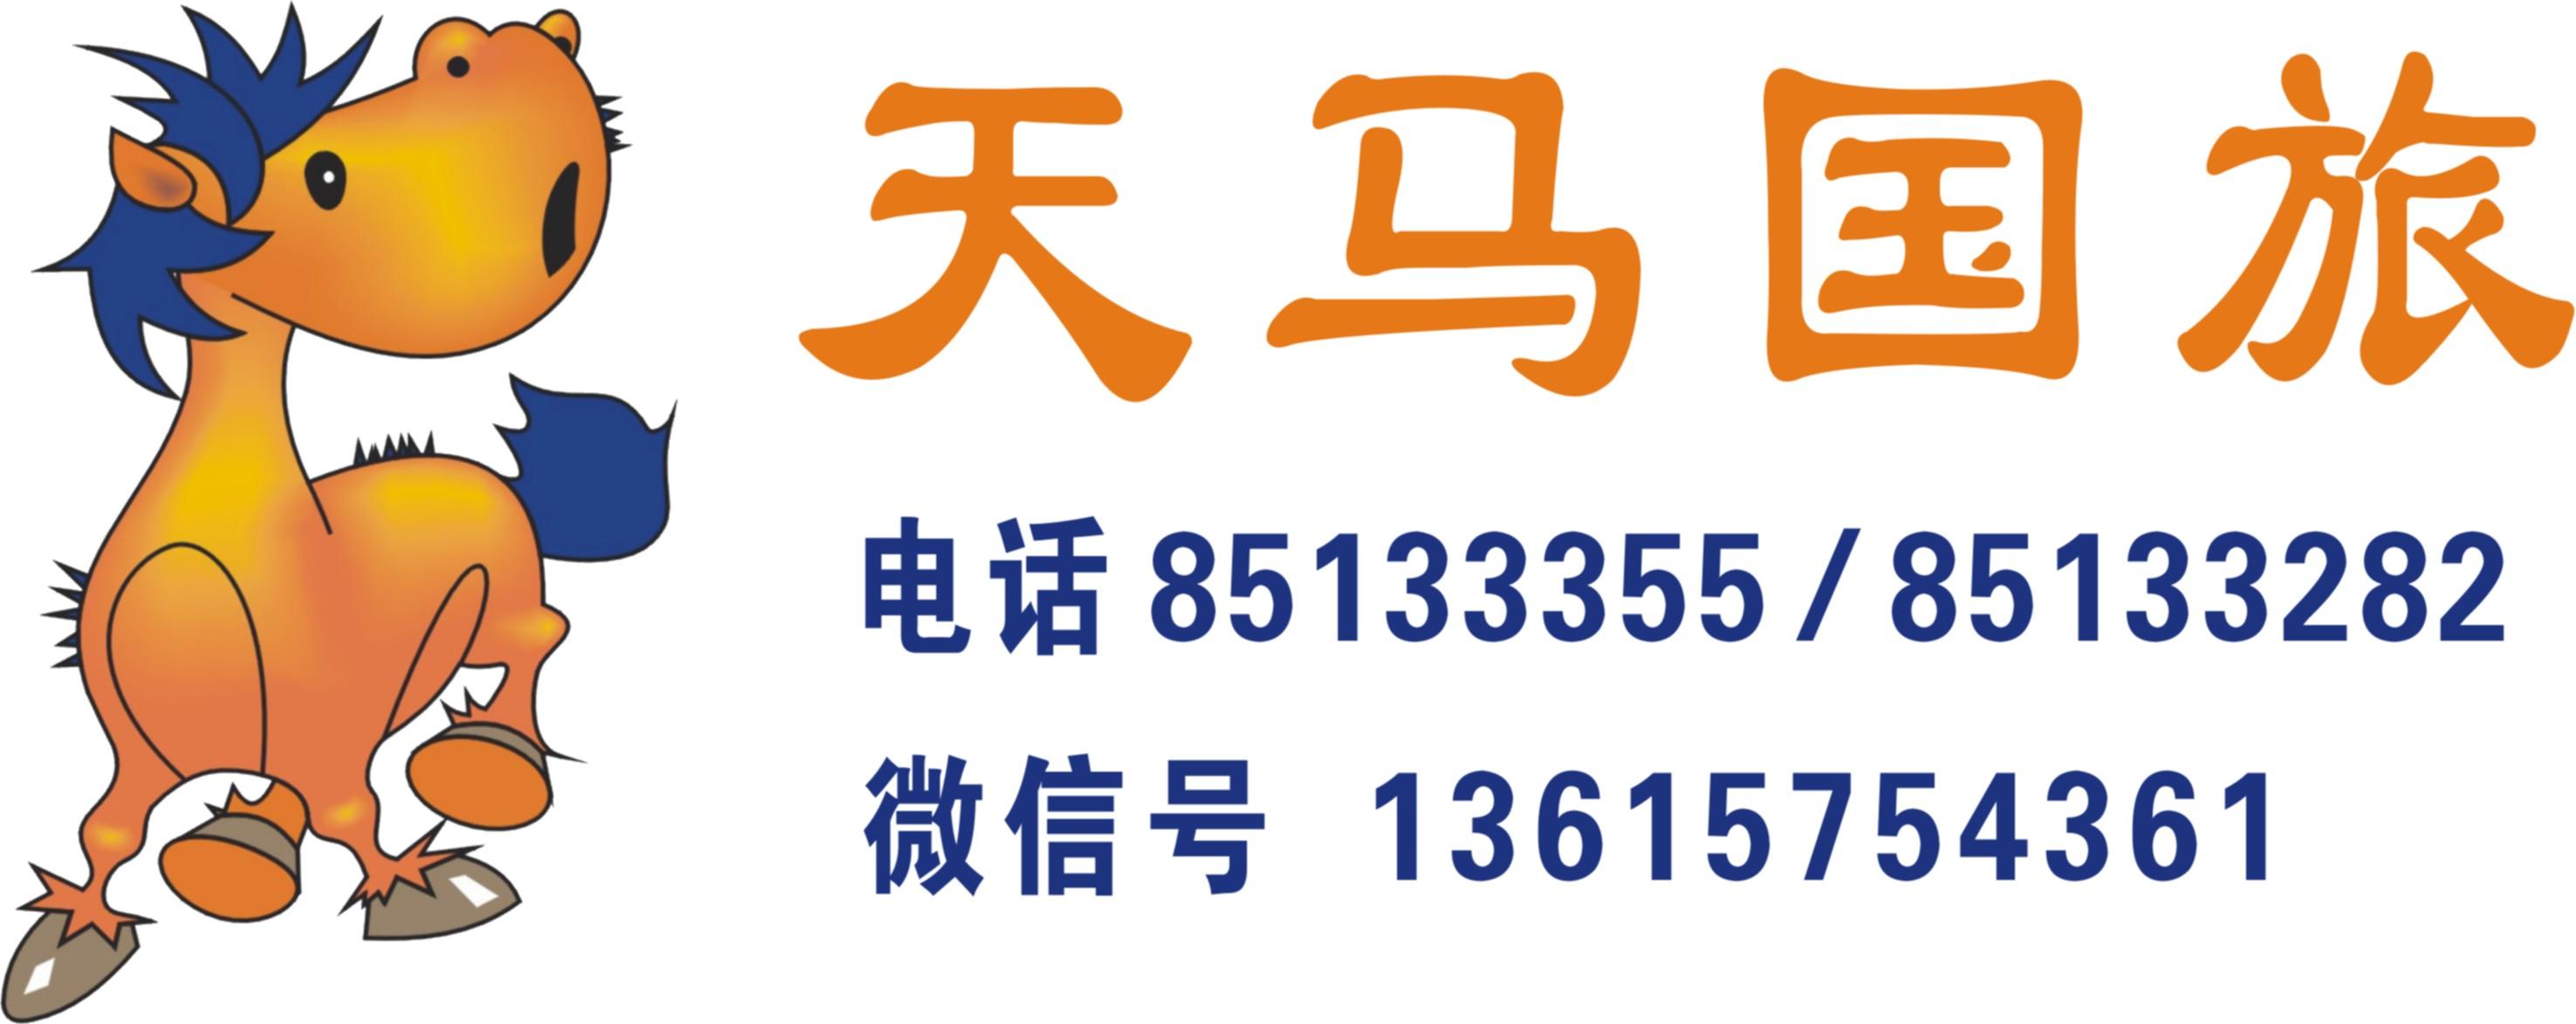 6月【纯玩新花样 昆明大理丽江双飞纯玩6日】特色五星酒店